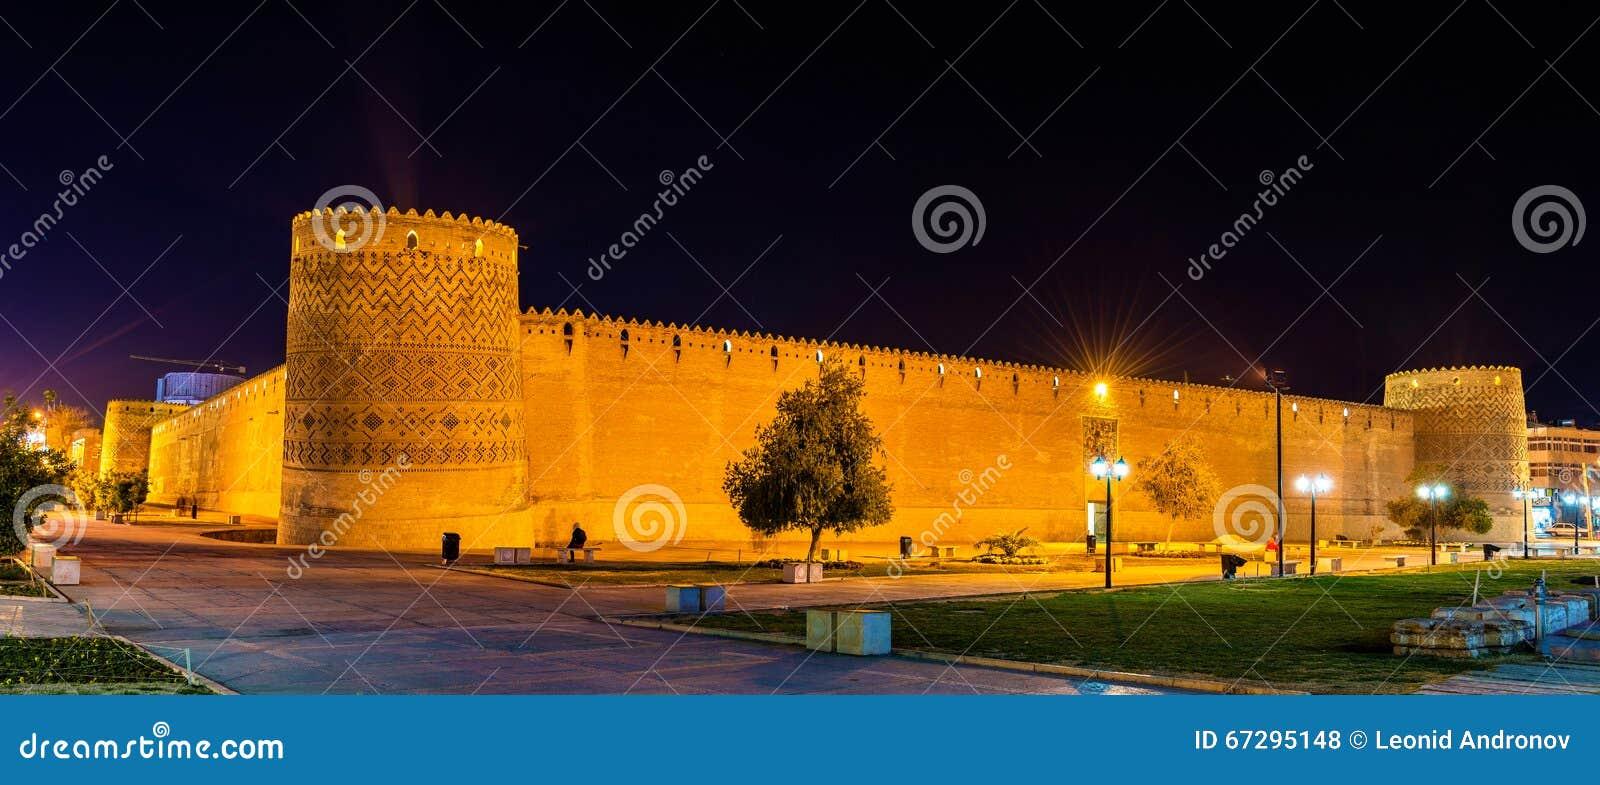 卡里姆汗城堡在晚上在设拉子,伊朗